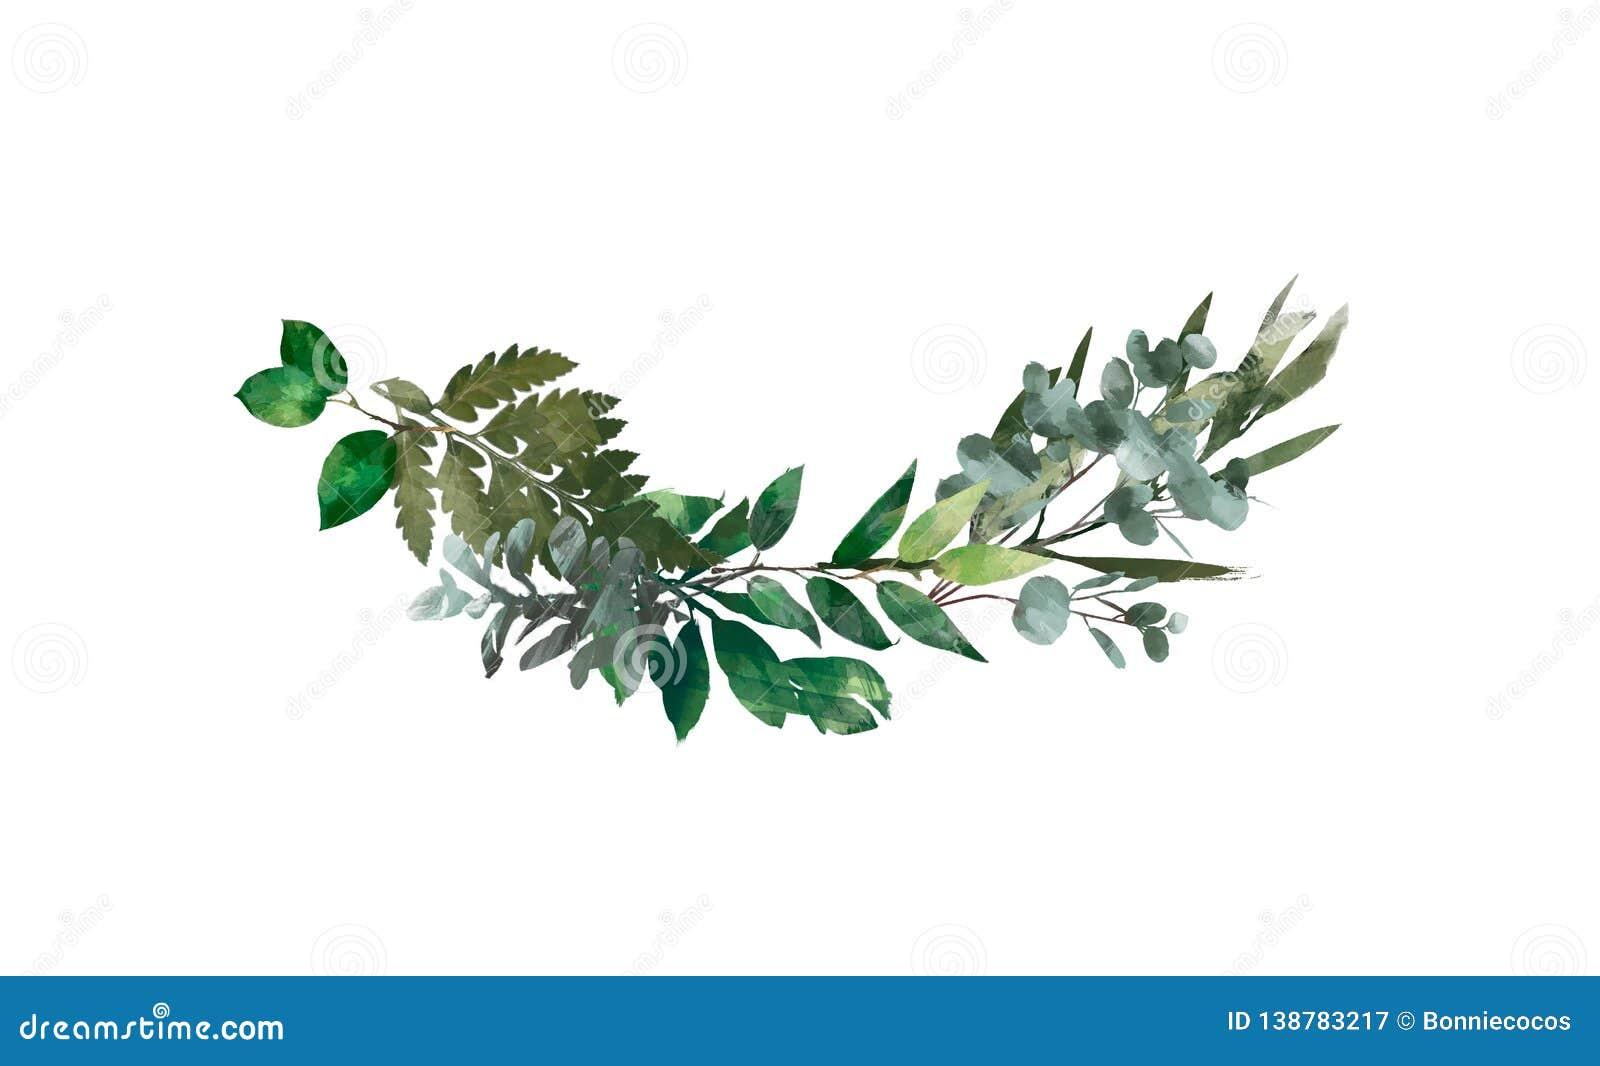 Элемент акварели современный декоративный Венок лист эвкалипта круглый зеленый, ветви растительности, гирлянда, граница, рамка, э